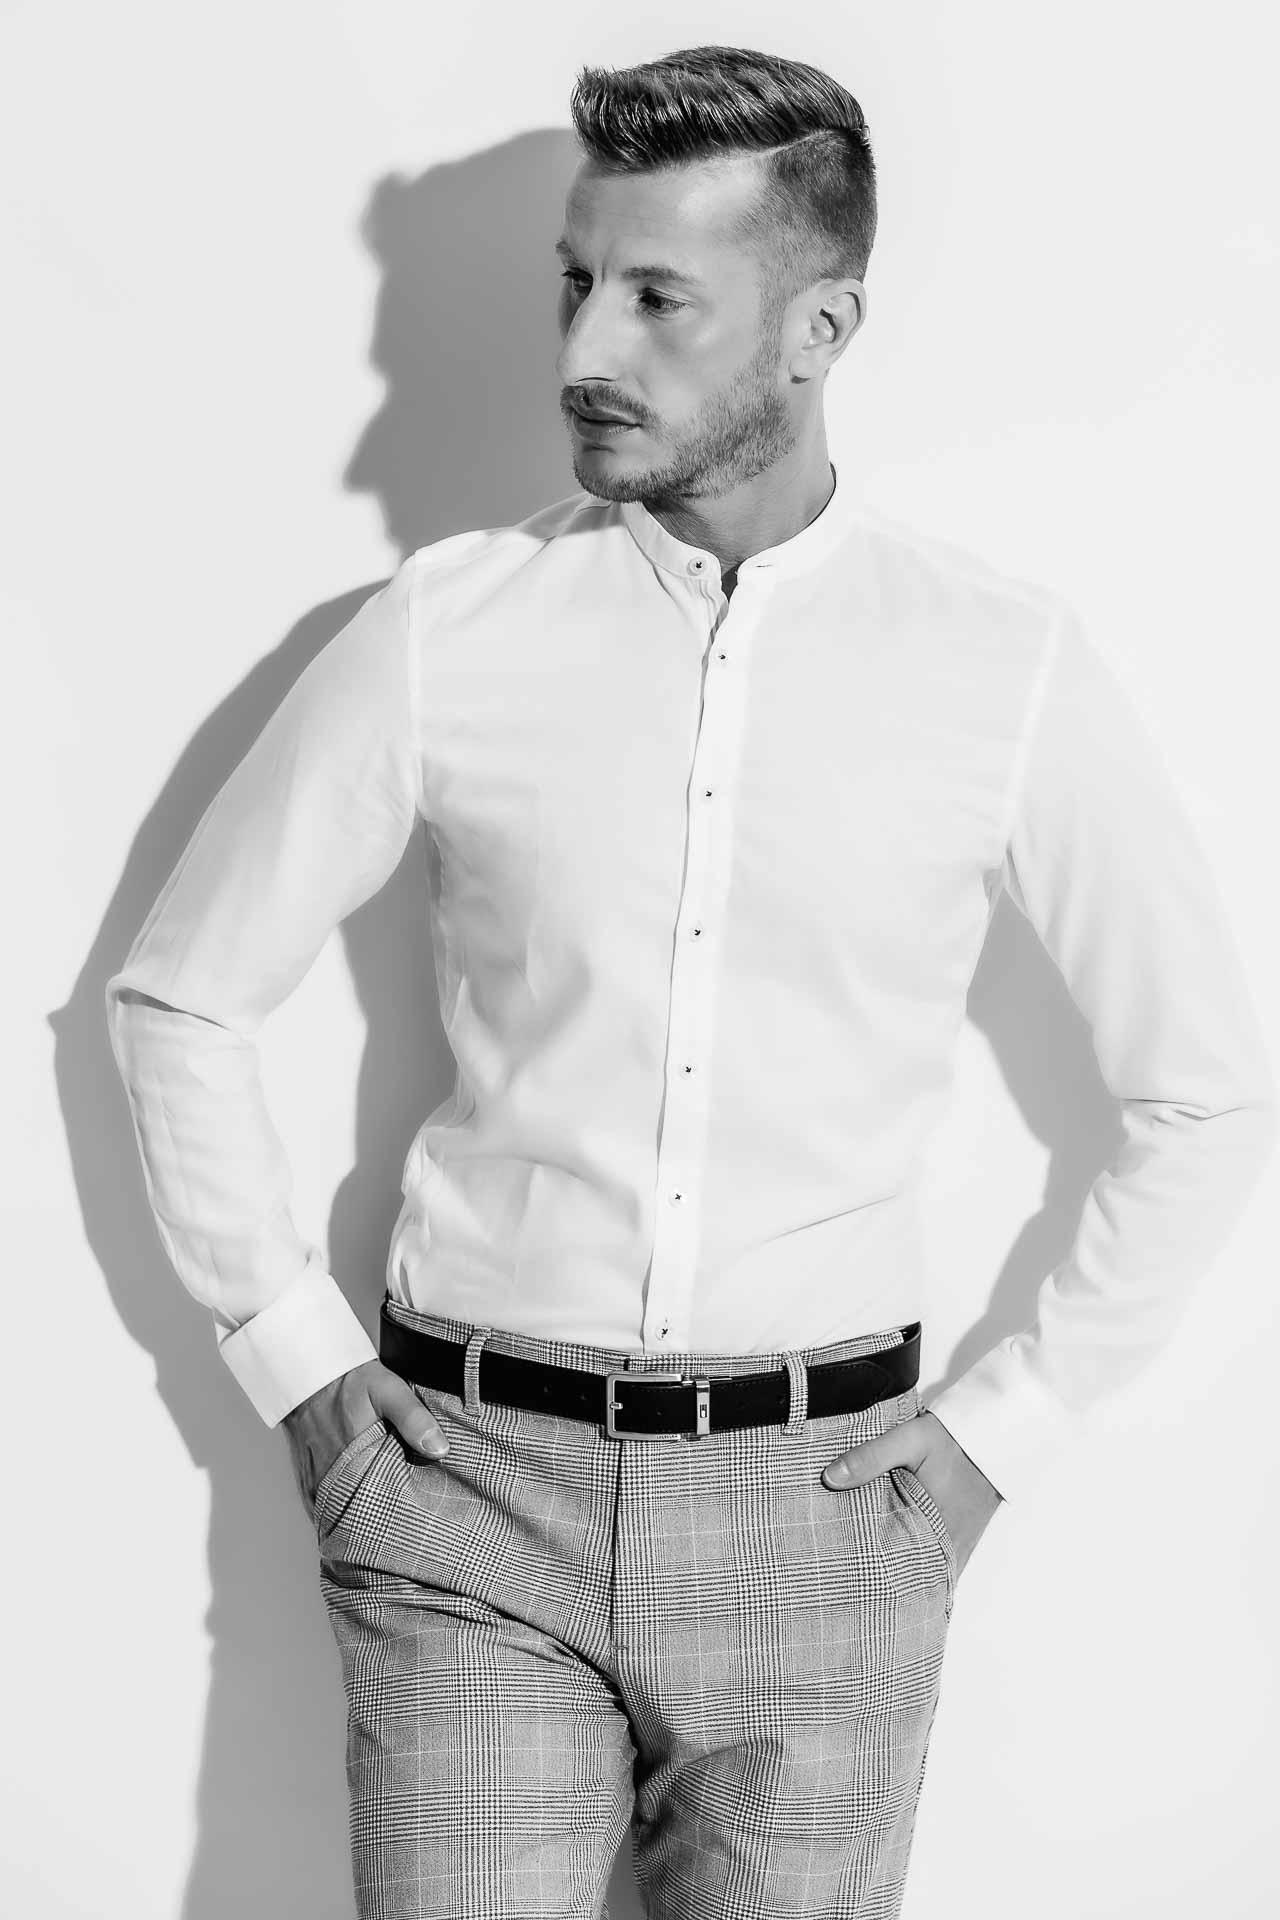 Mann in weißem Hemd und Anzughose